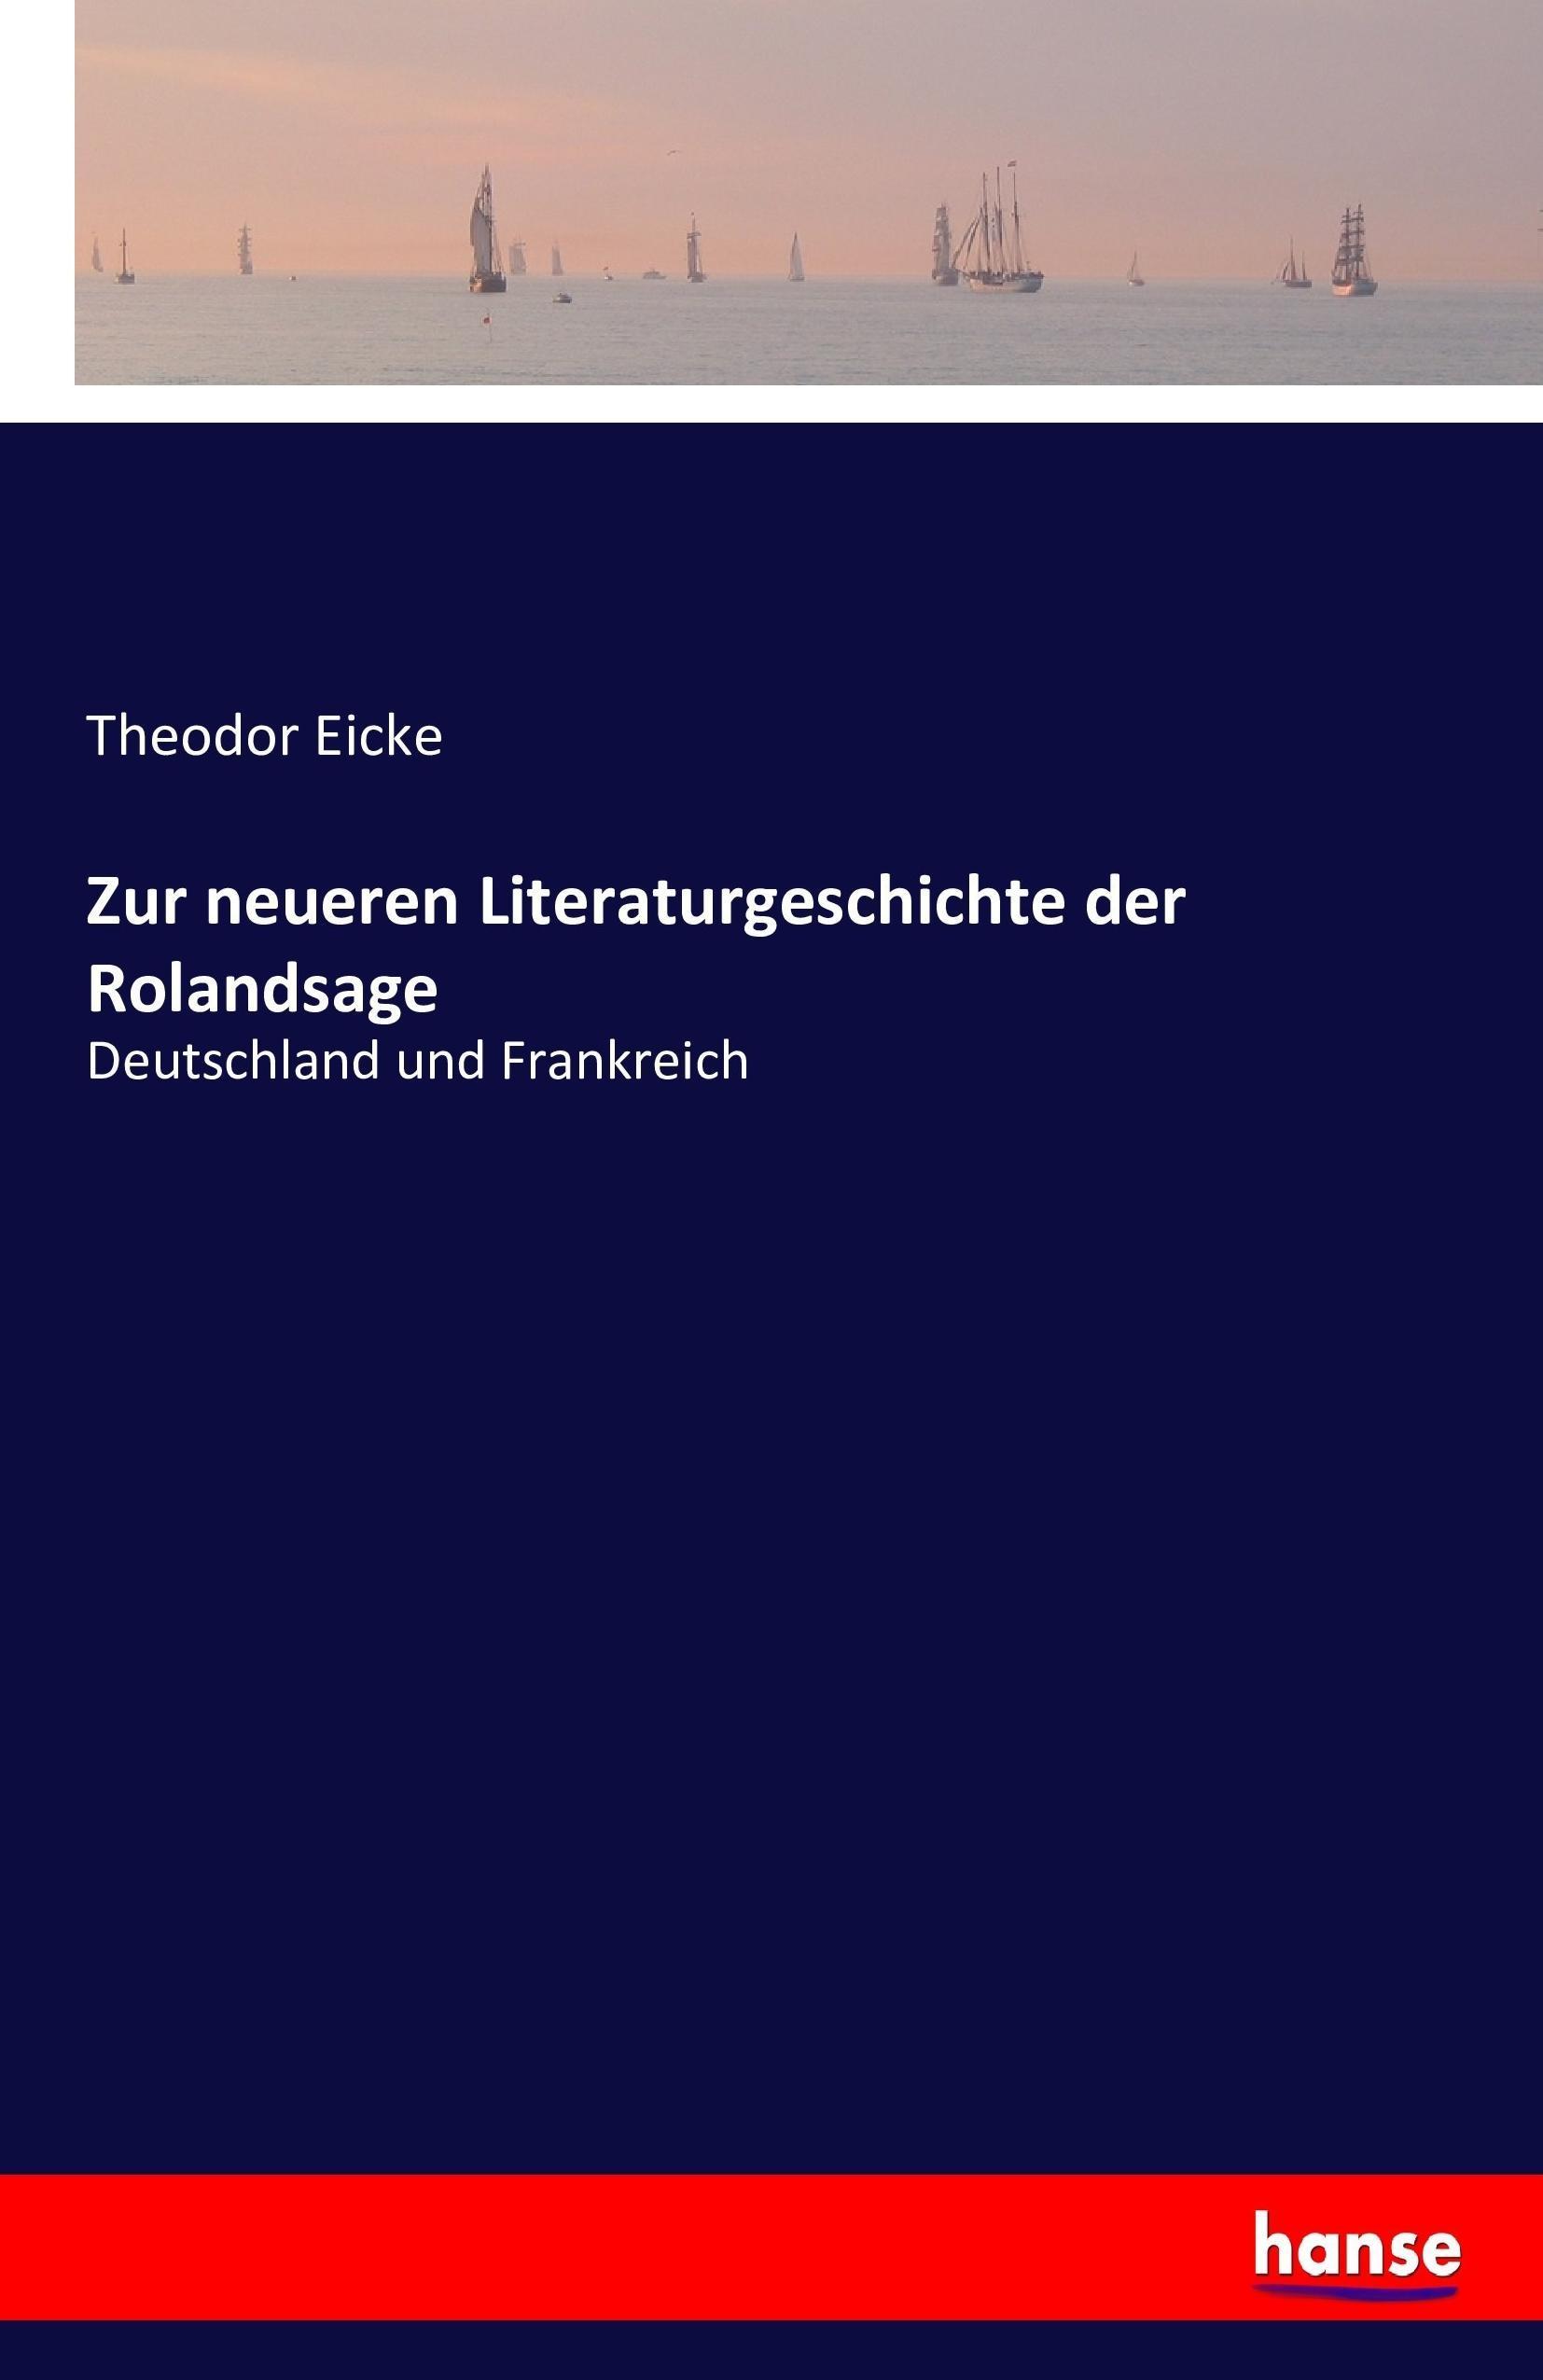 Zur neueren Literaturgeschichte der Rolandsage